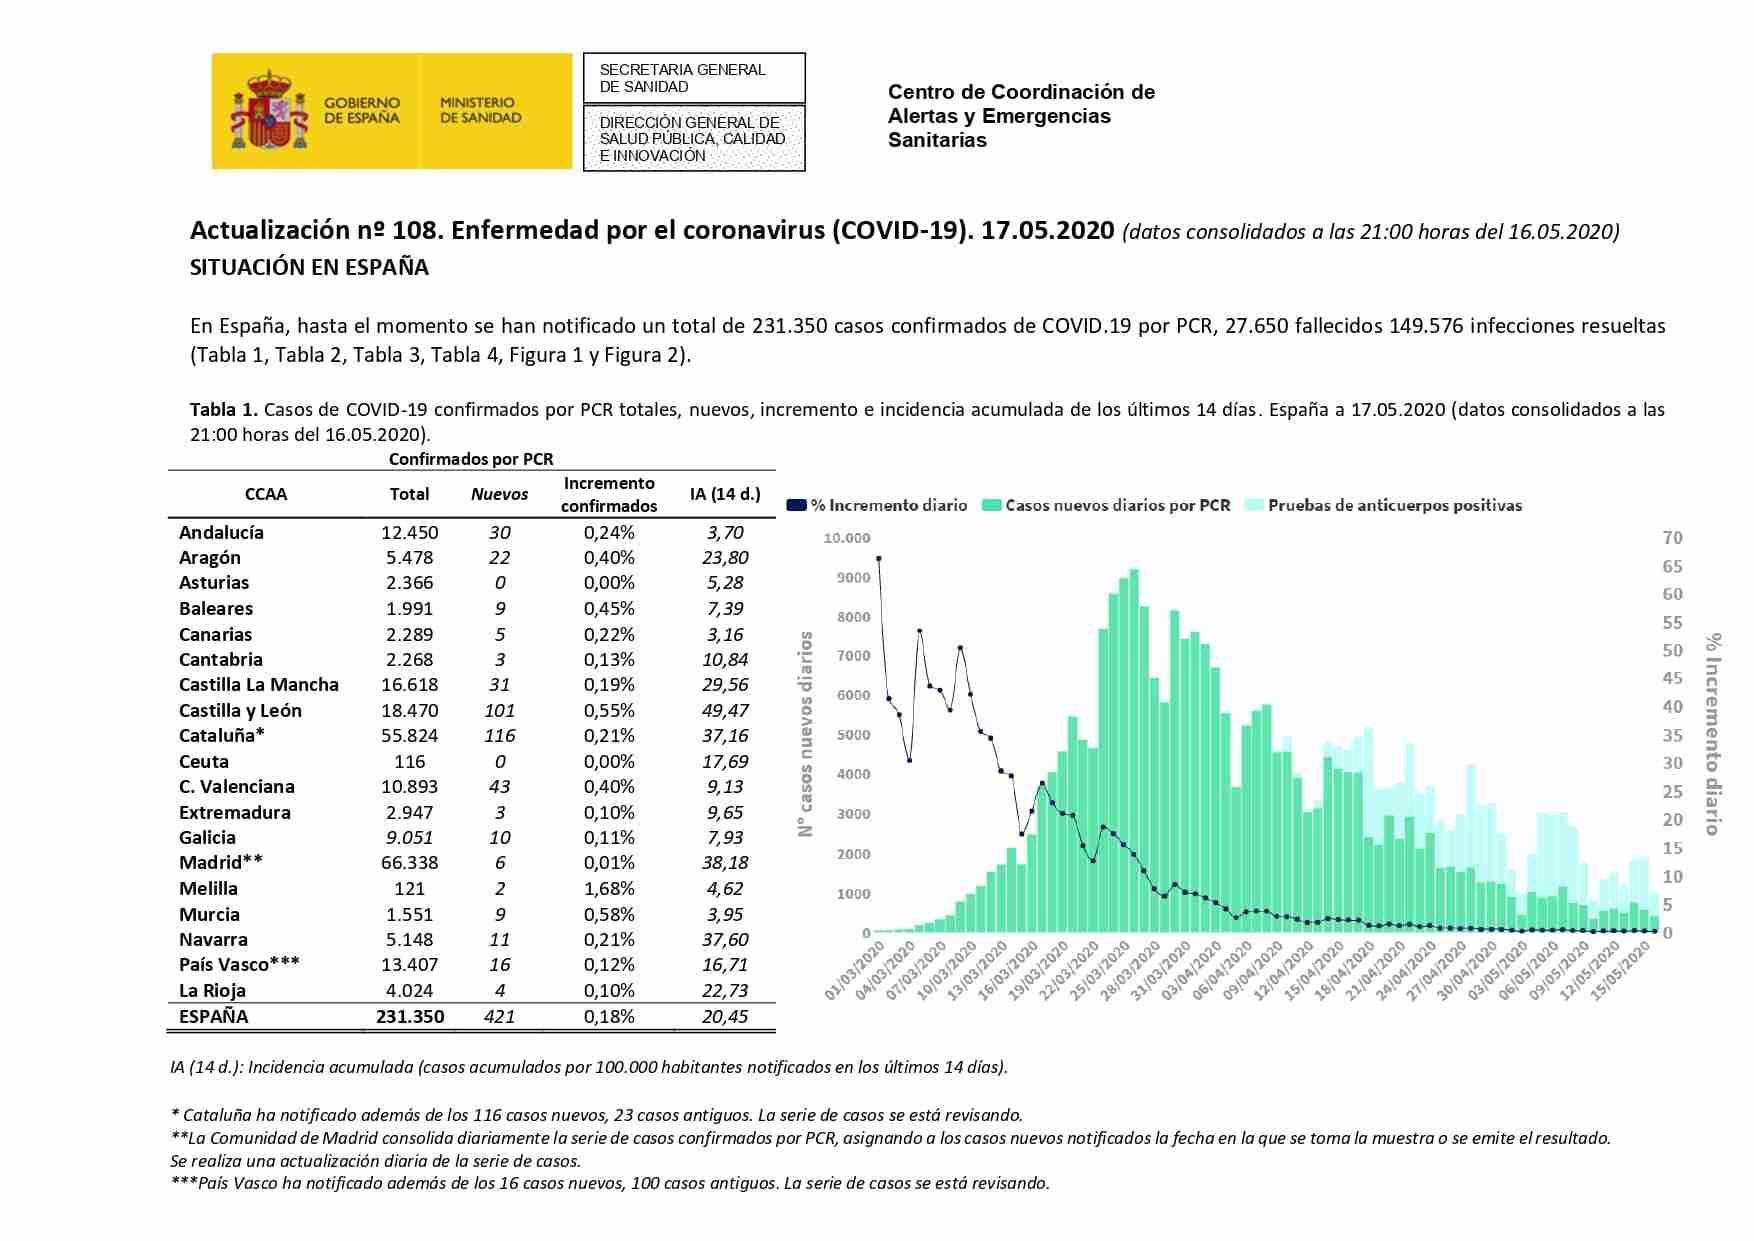 Actualización de la enfermedad por el coronavirus al 17 de mayo de 2020 27